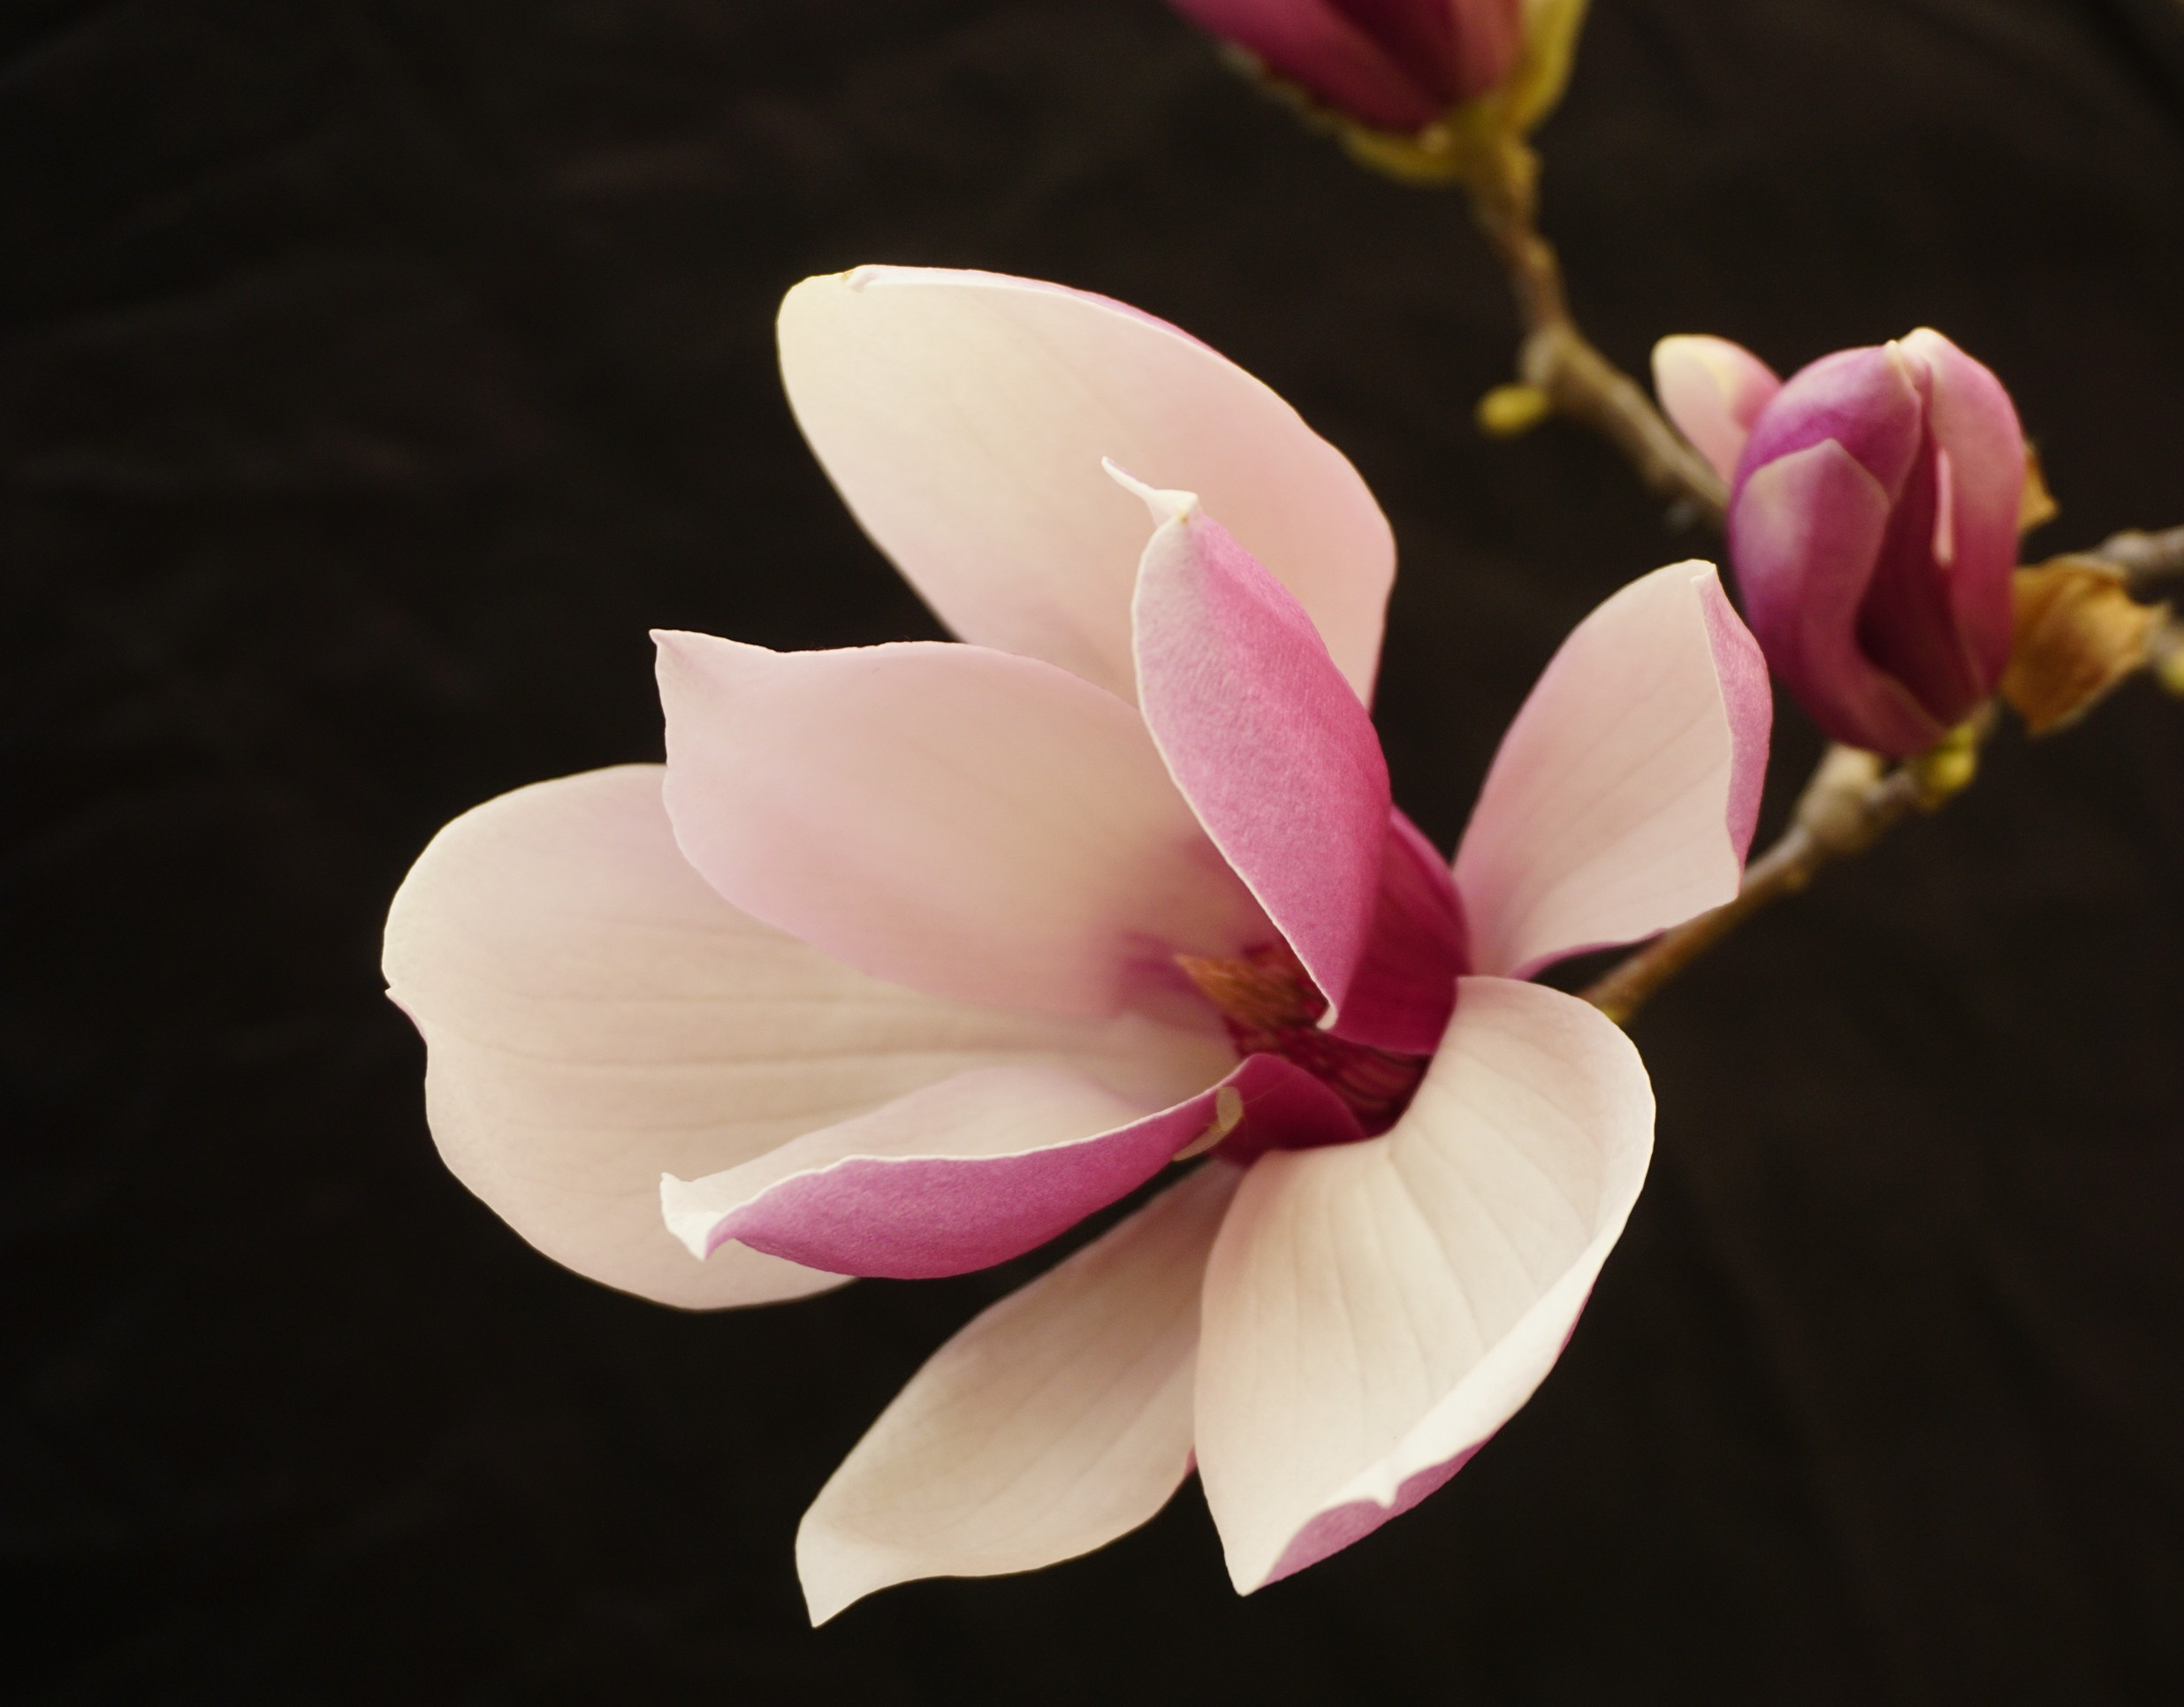 常樂作品:鮮艳的玉兰花